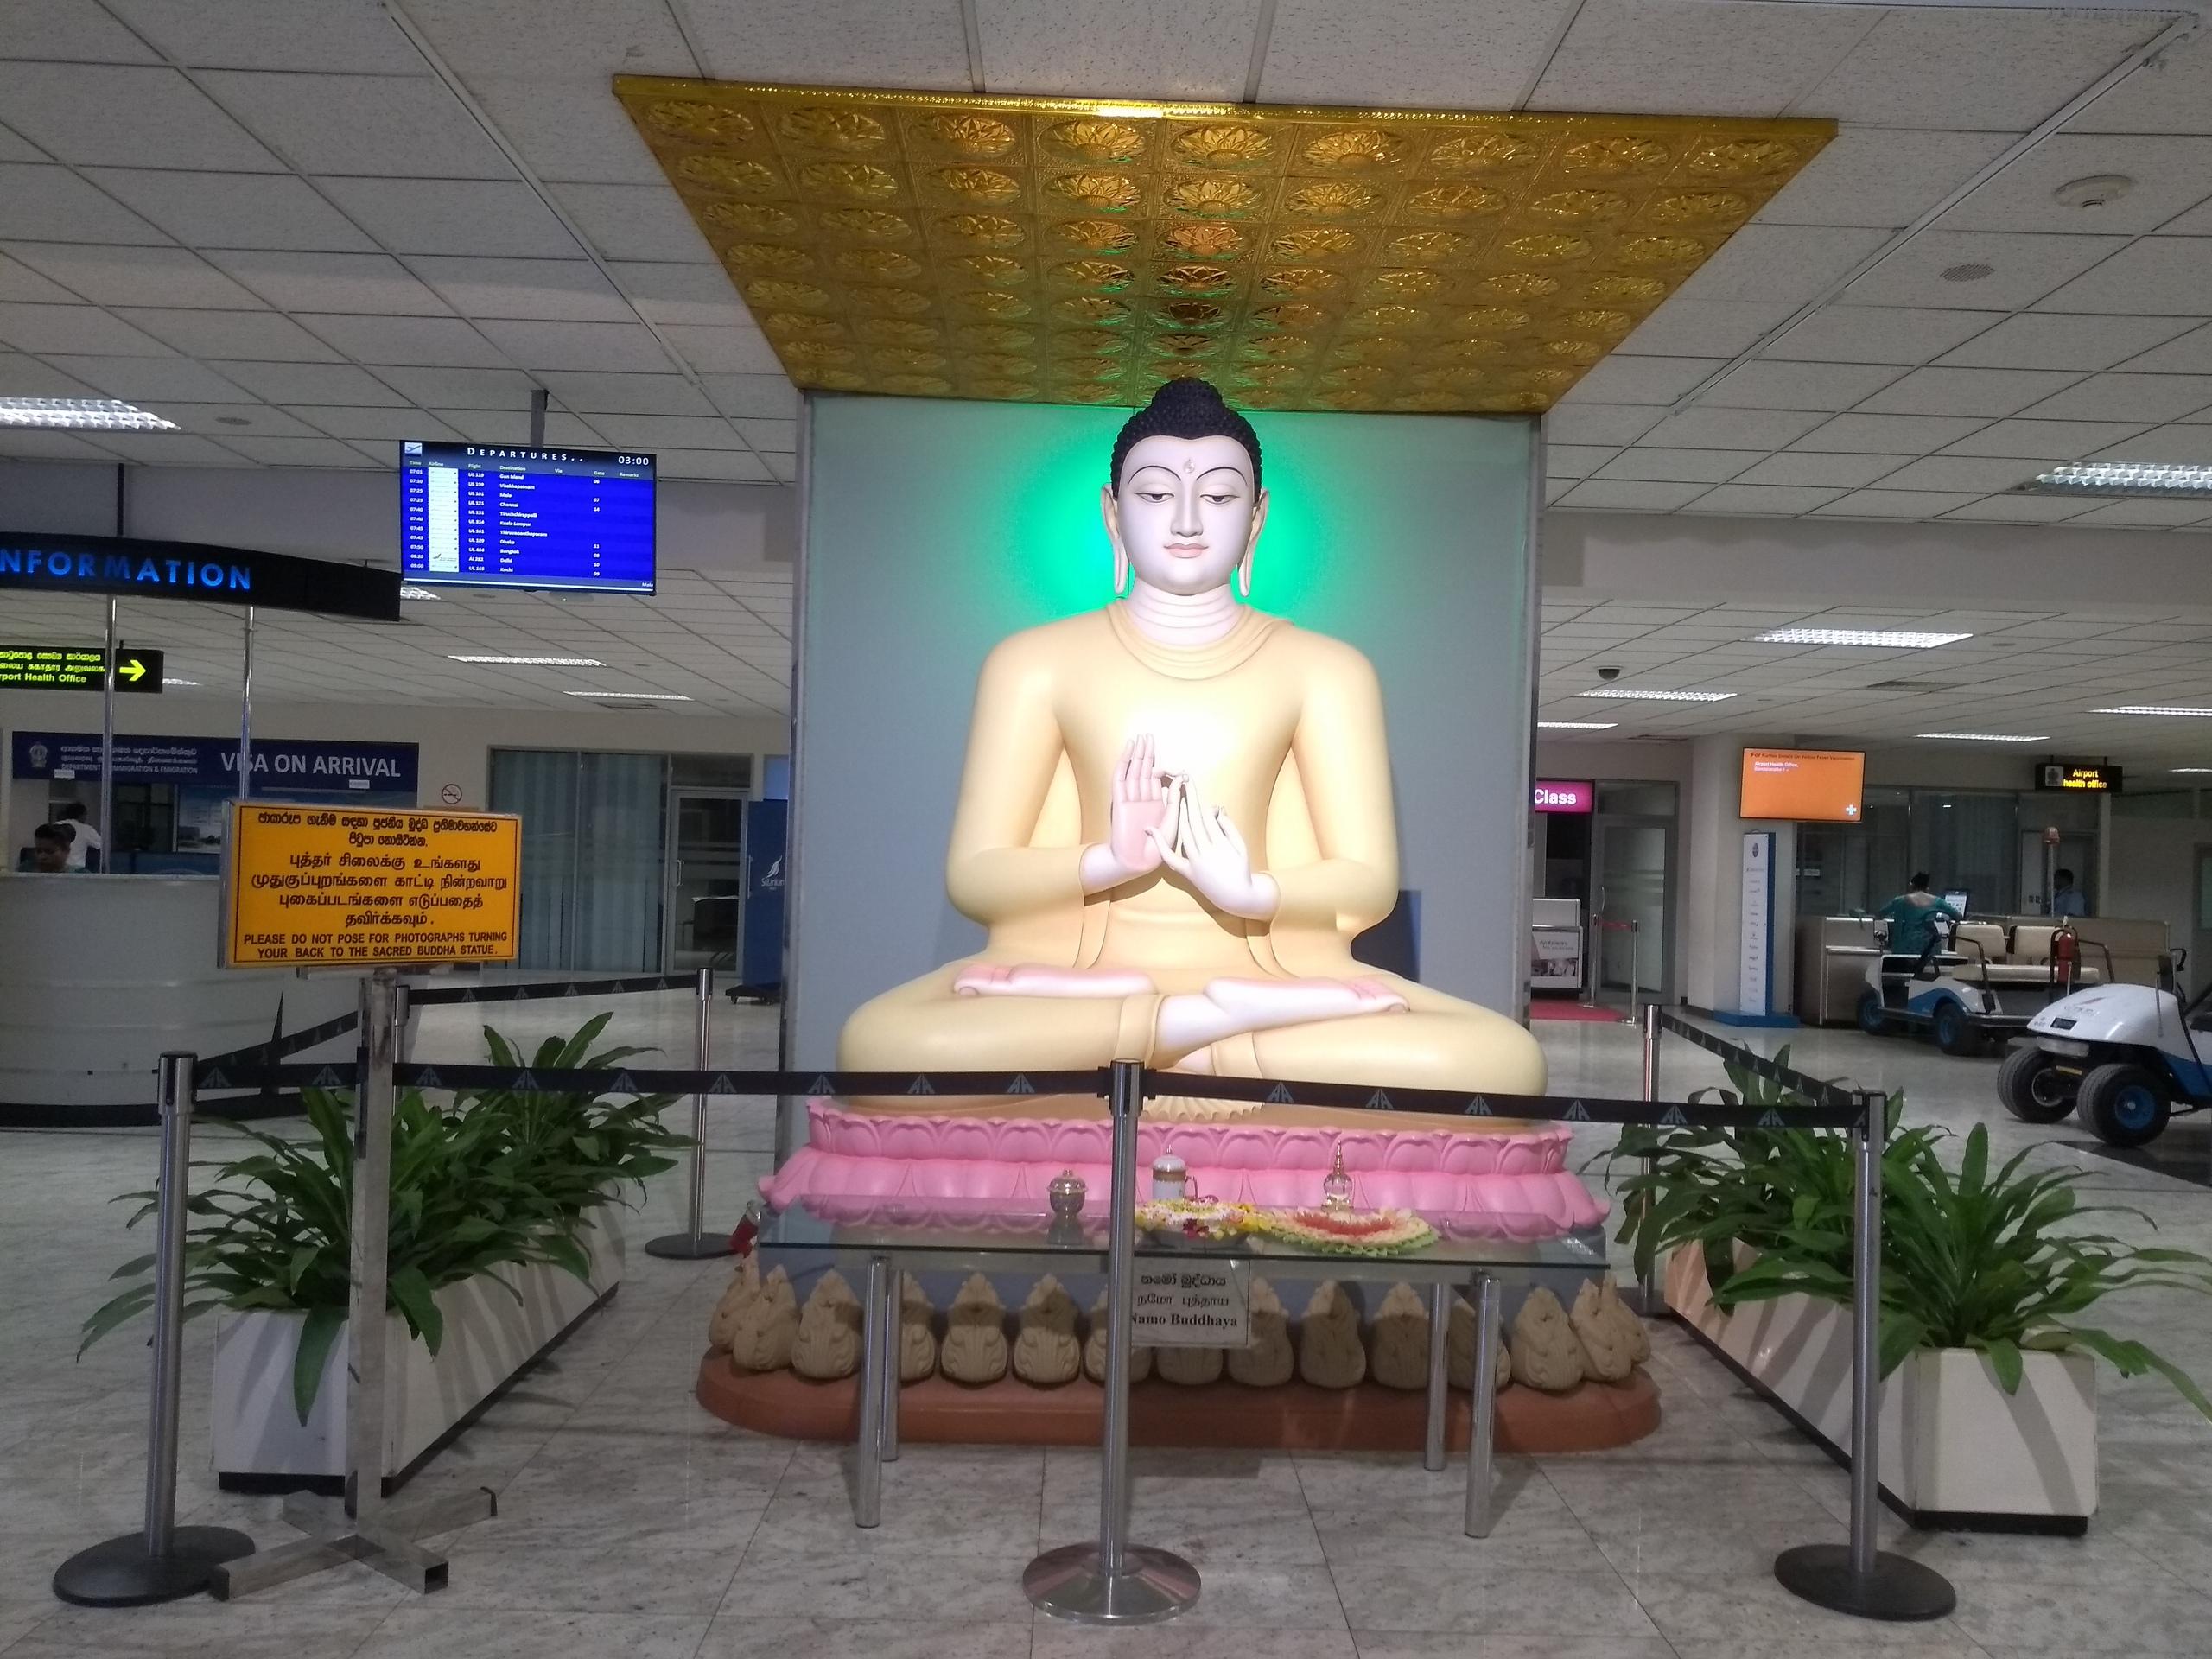 Шри Ланка (фото) - Страница 11 JTsZP5IQAyE